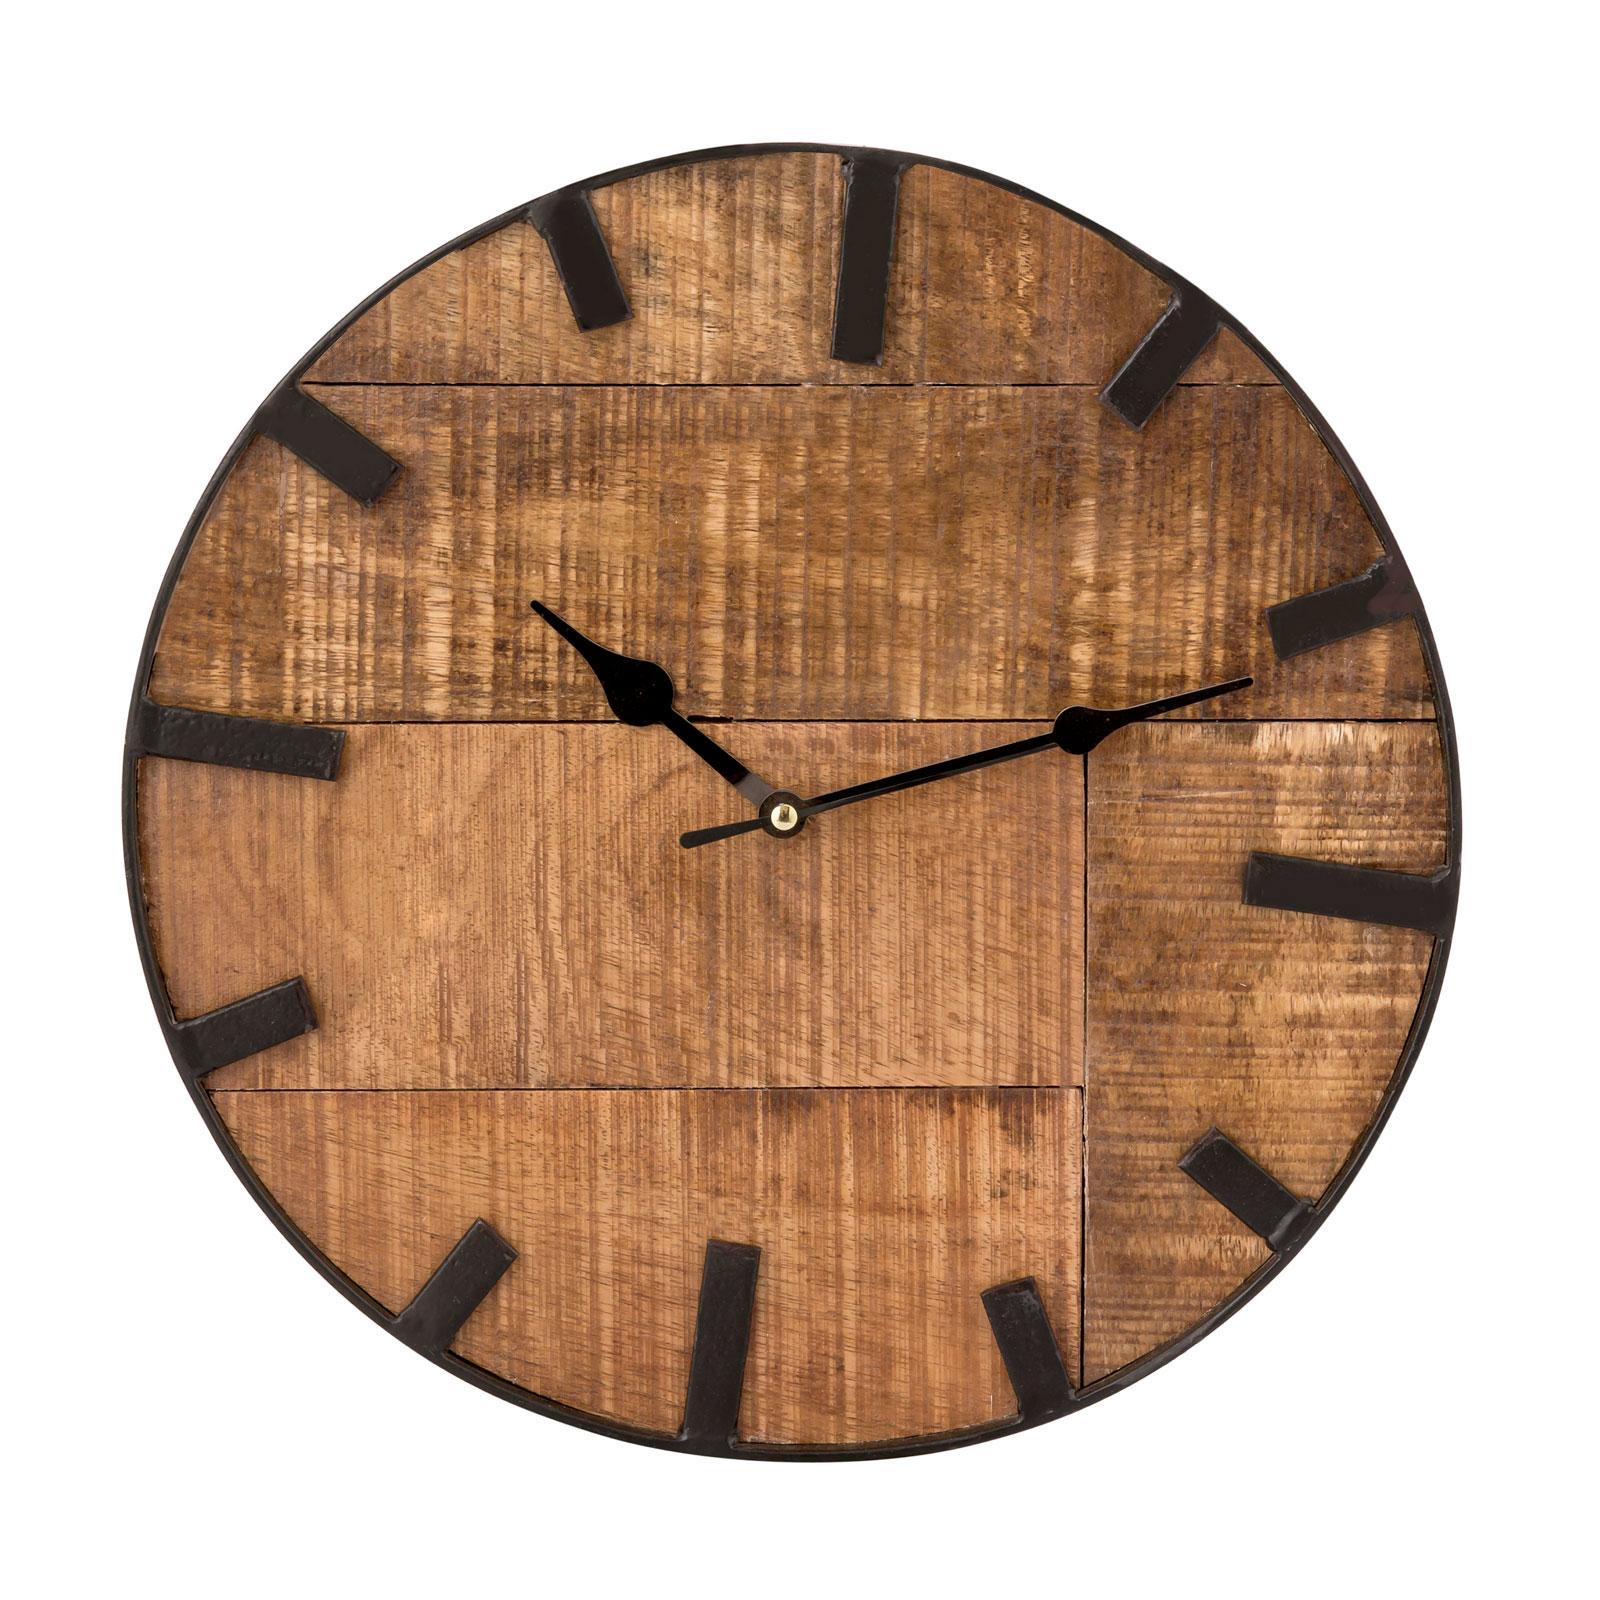 Wanduhr Wohnzimmeruhr Aus Holz Rund Vintage Lautlos O 30 Cm Quadratisch Aus Mangoholz Massiv Casamia Wohnen